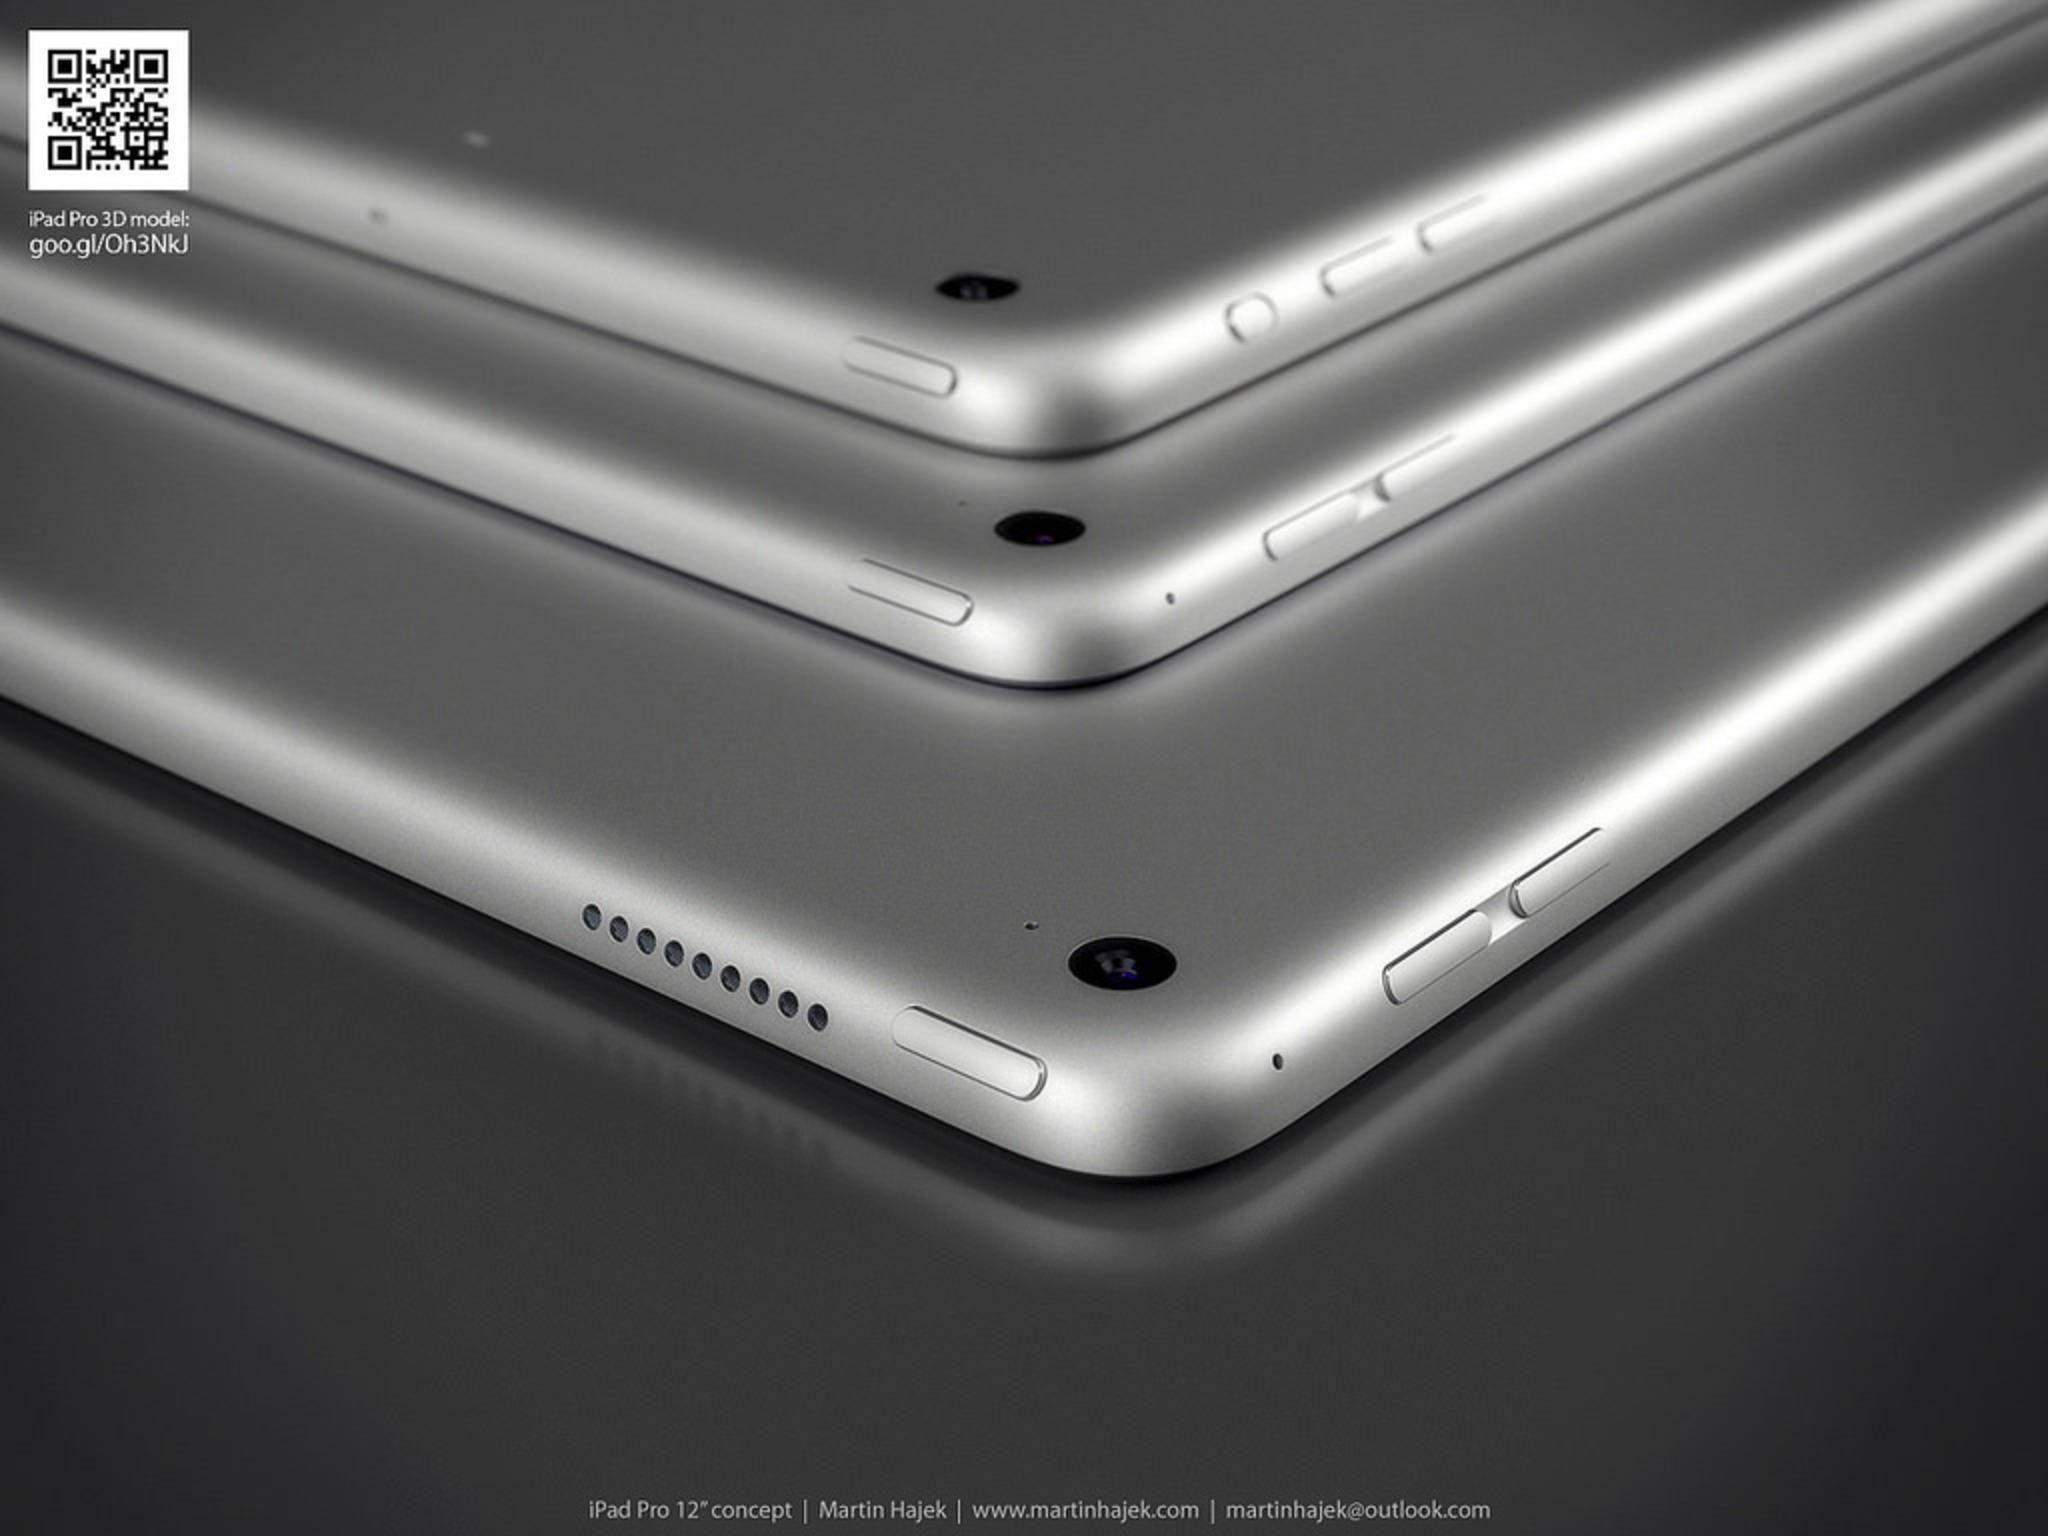 Das iPad Pro wird womöglich auf der Apple-Keynote vorgestellt.